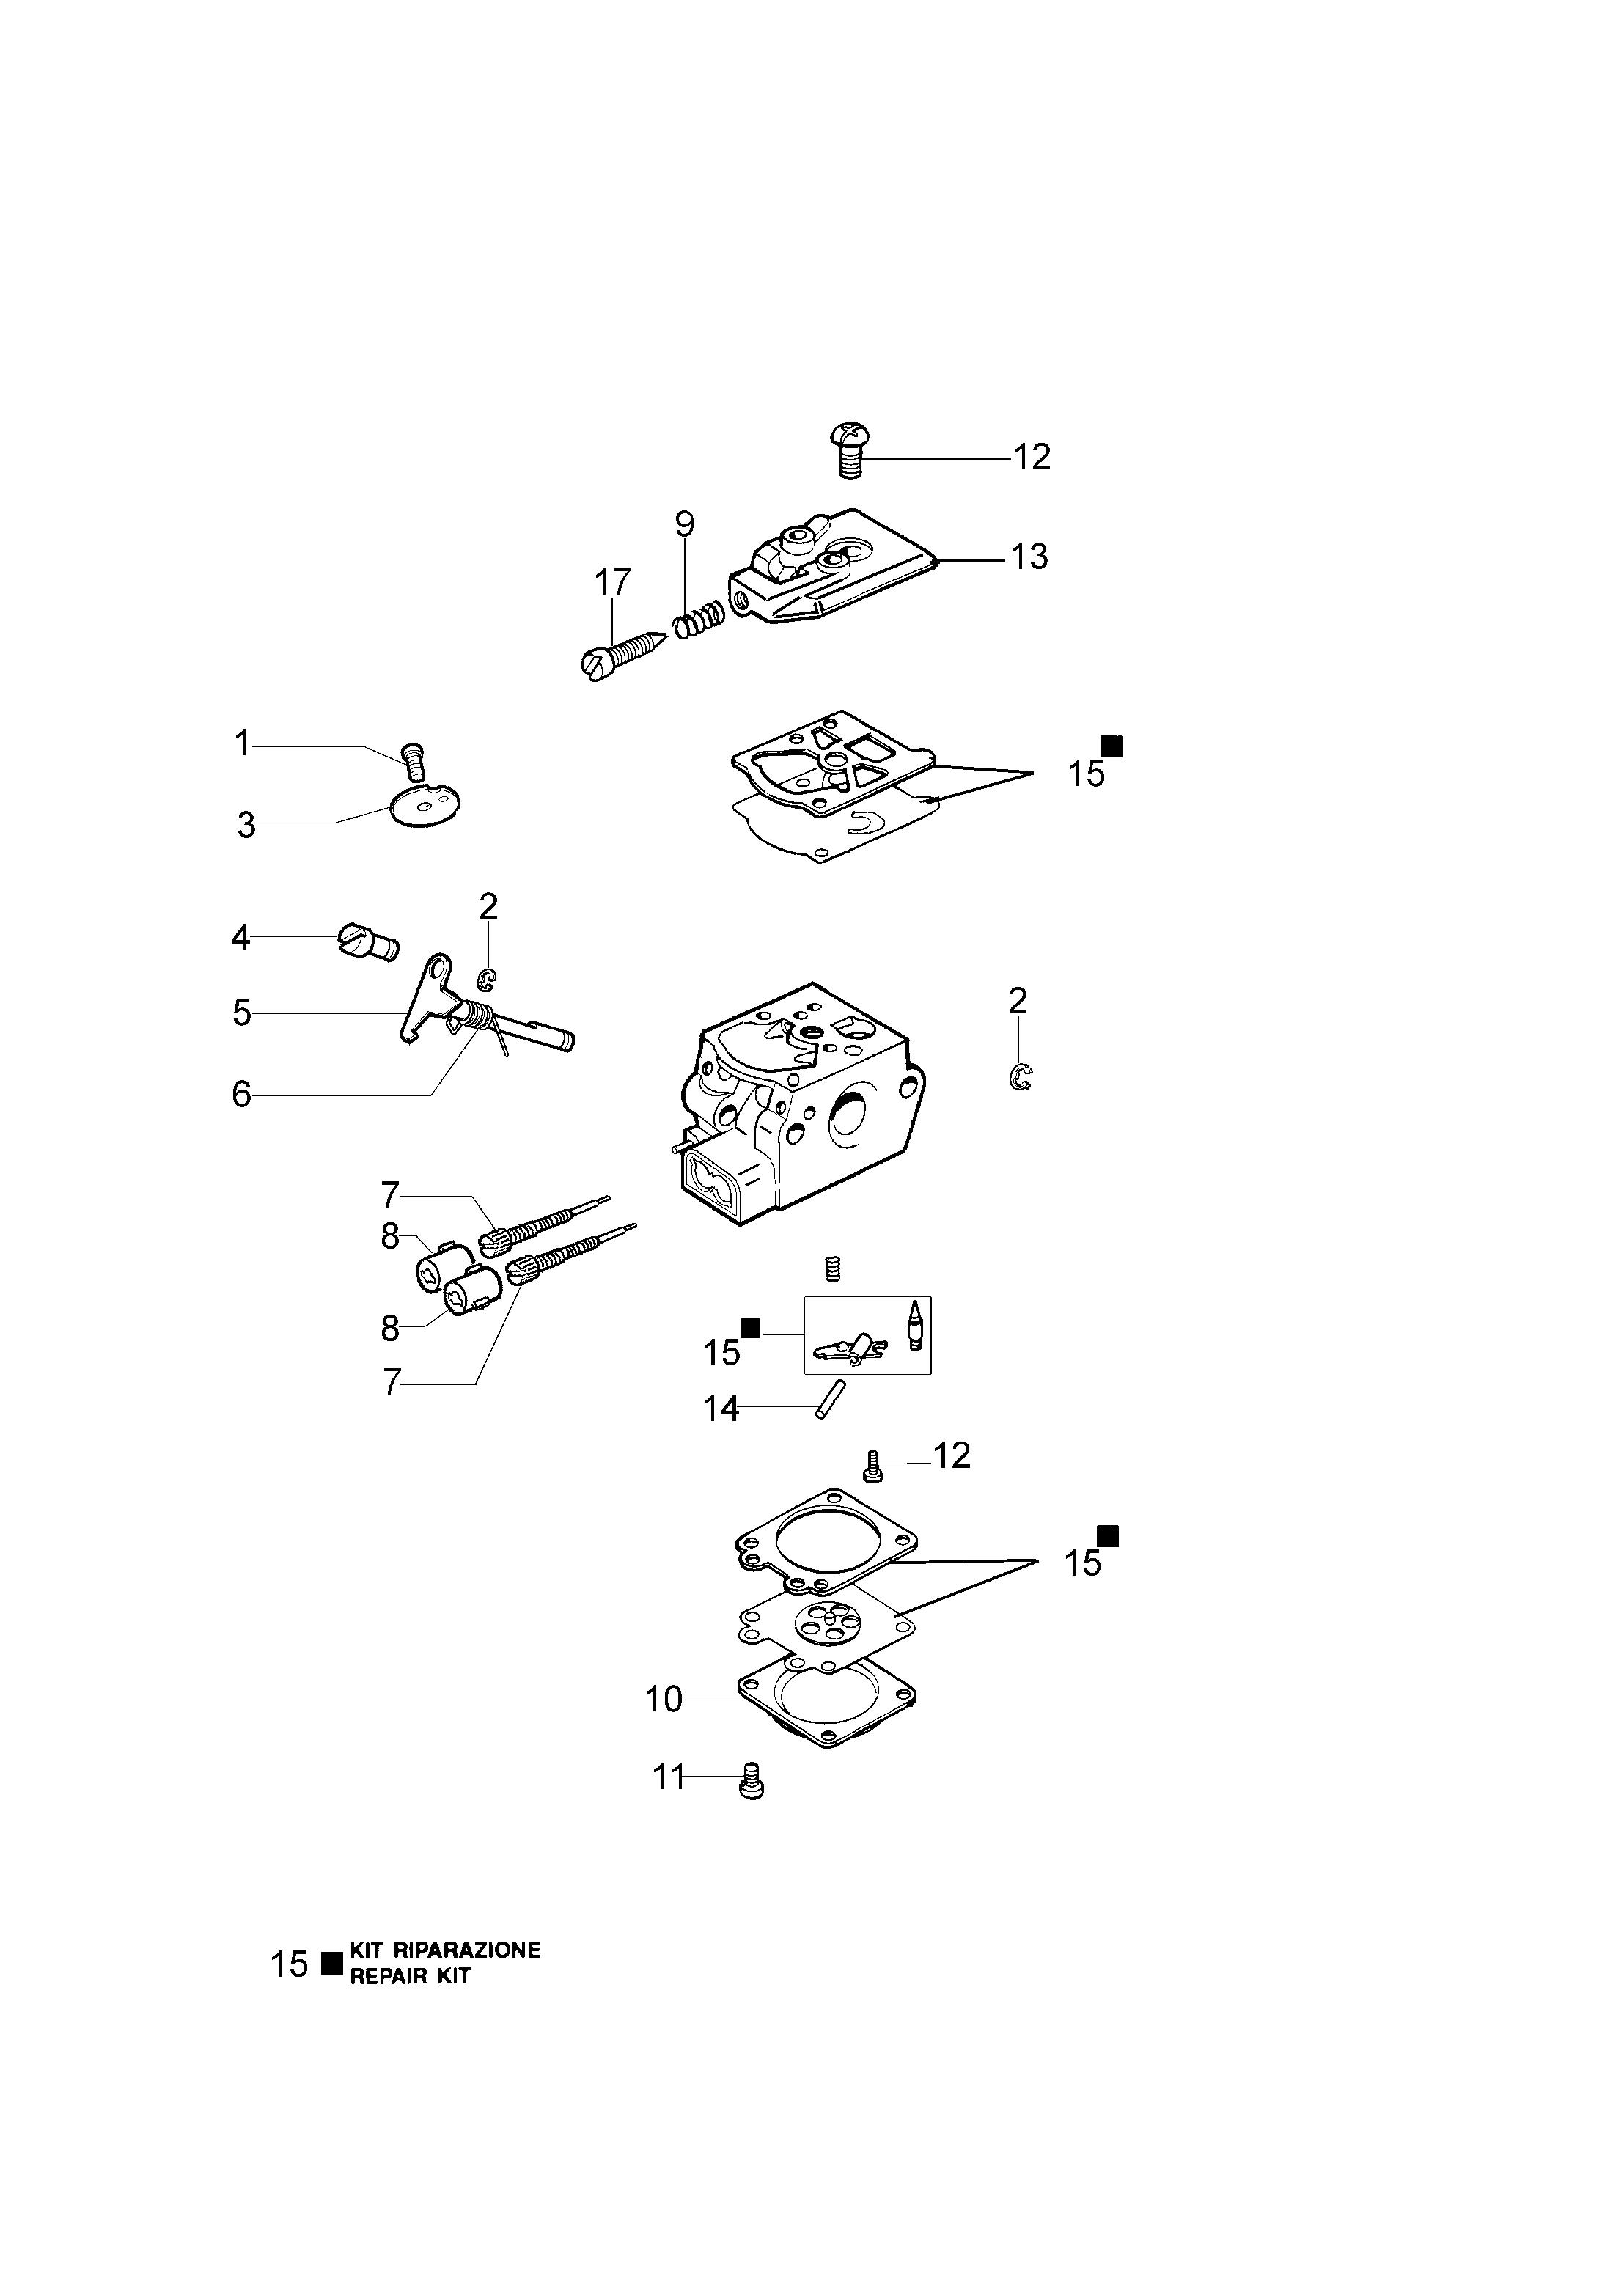 PPX 270 Elagueuses sur perche oleomac Dessins pièces vue éclatée Carburateur